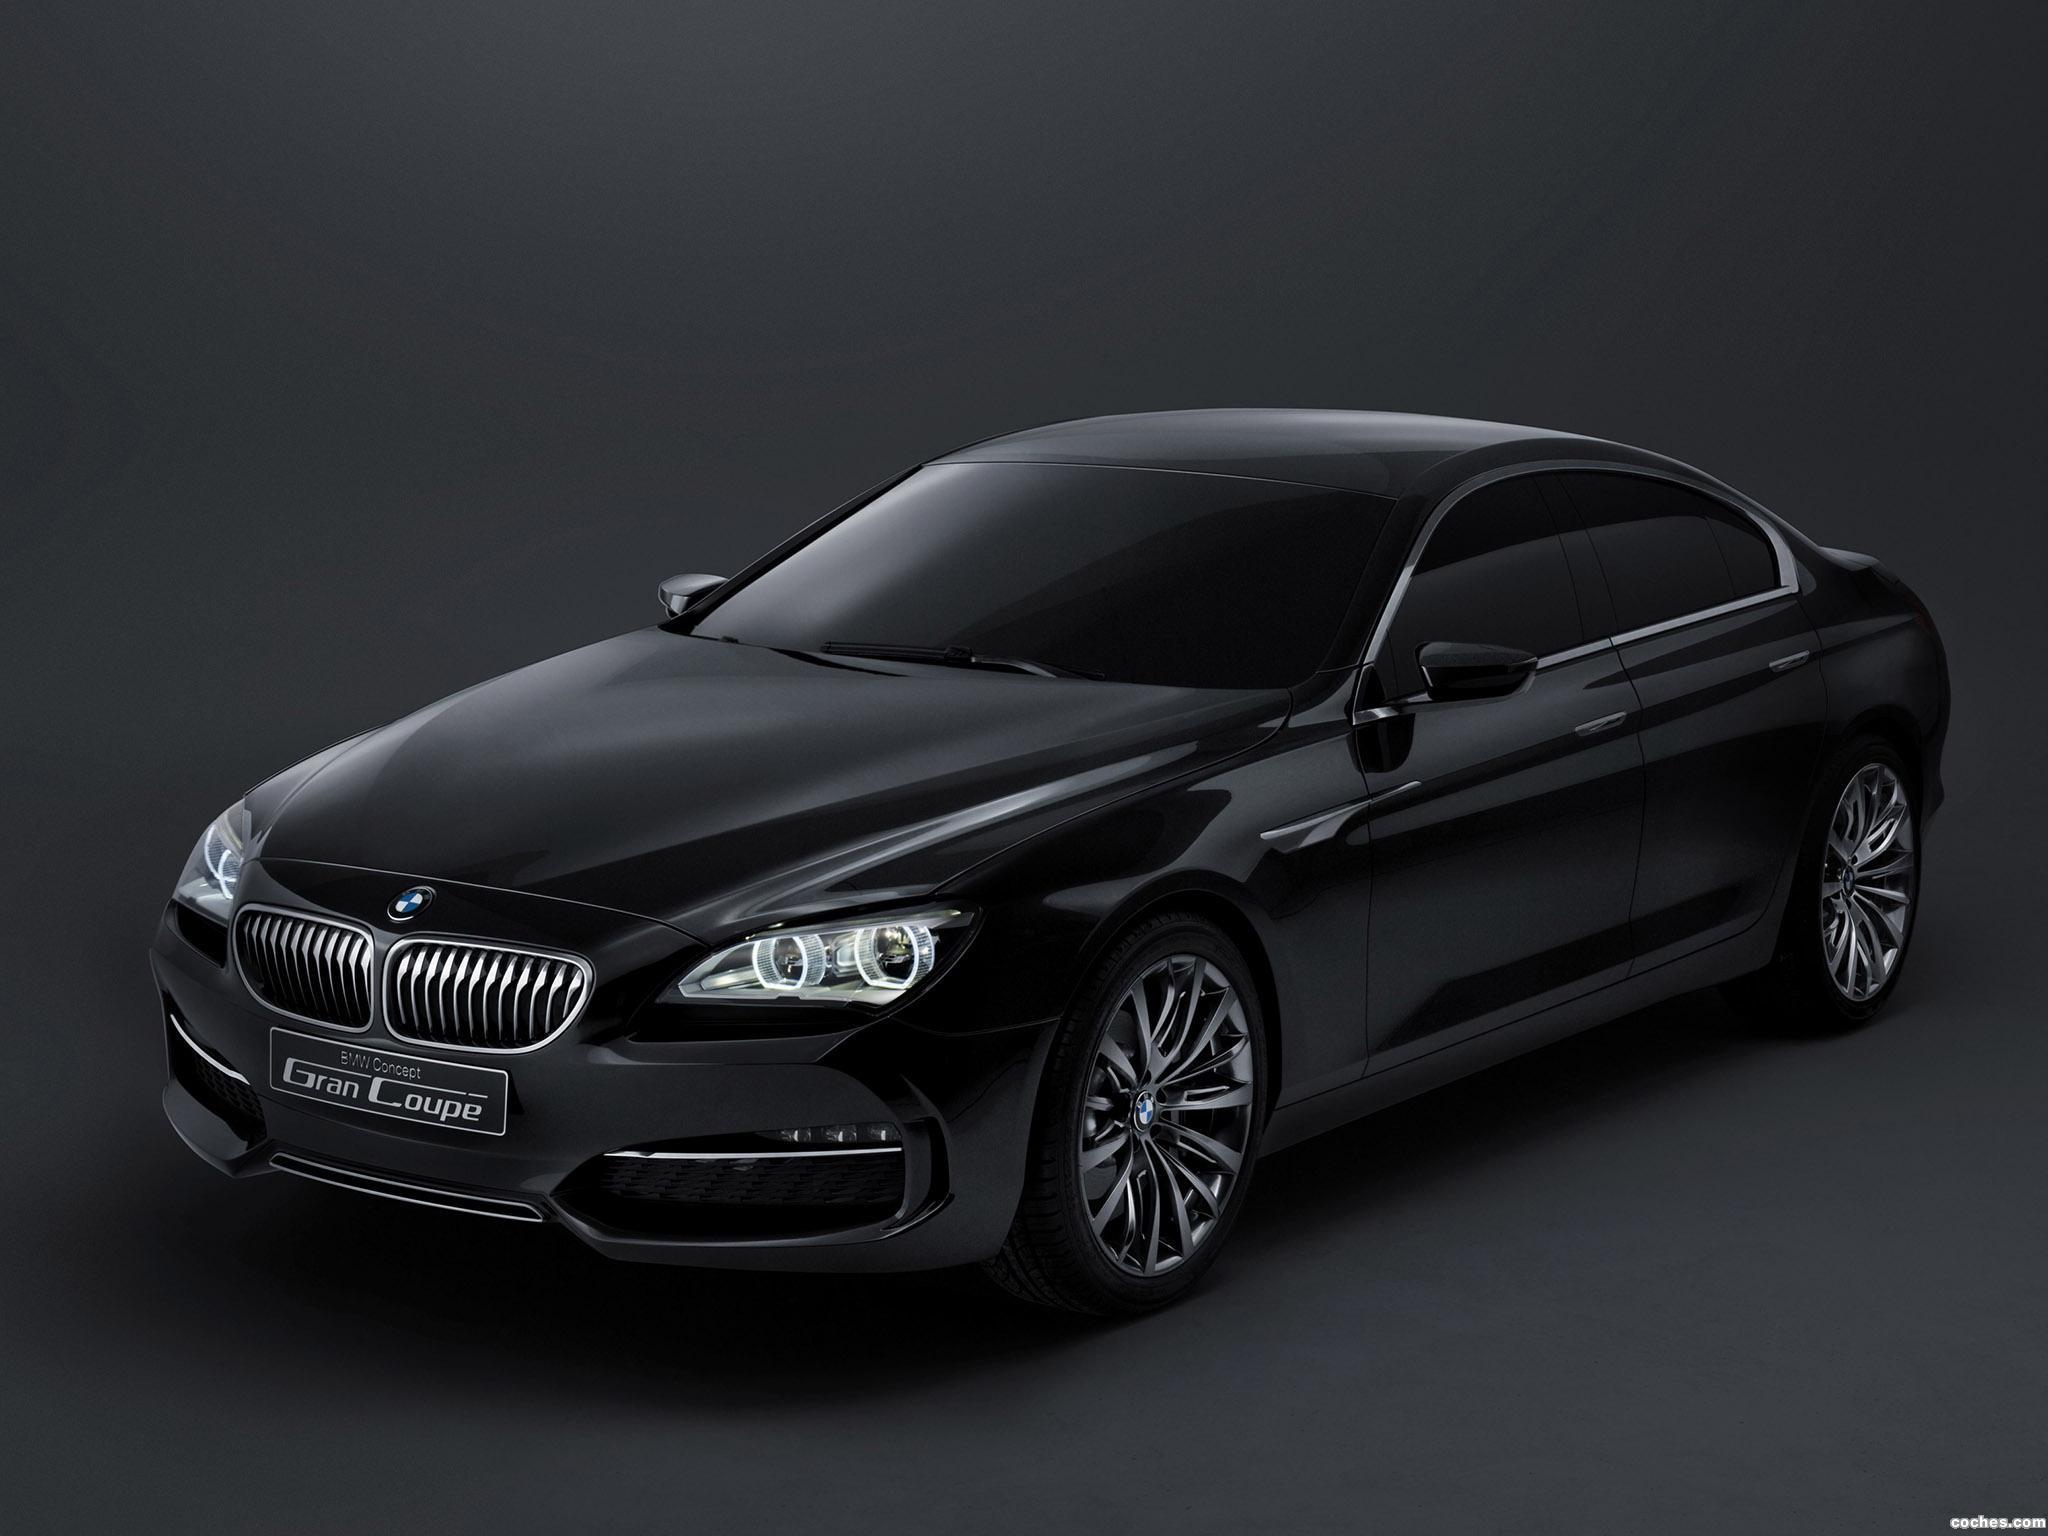 Foto 0 de BMW Gran Coupe Concept 2010